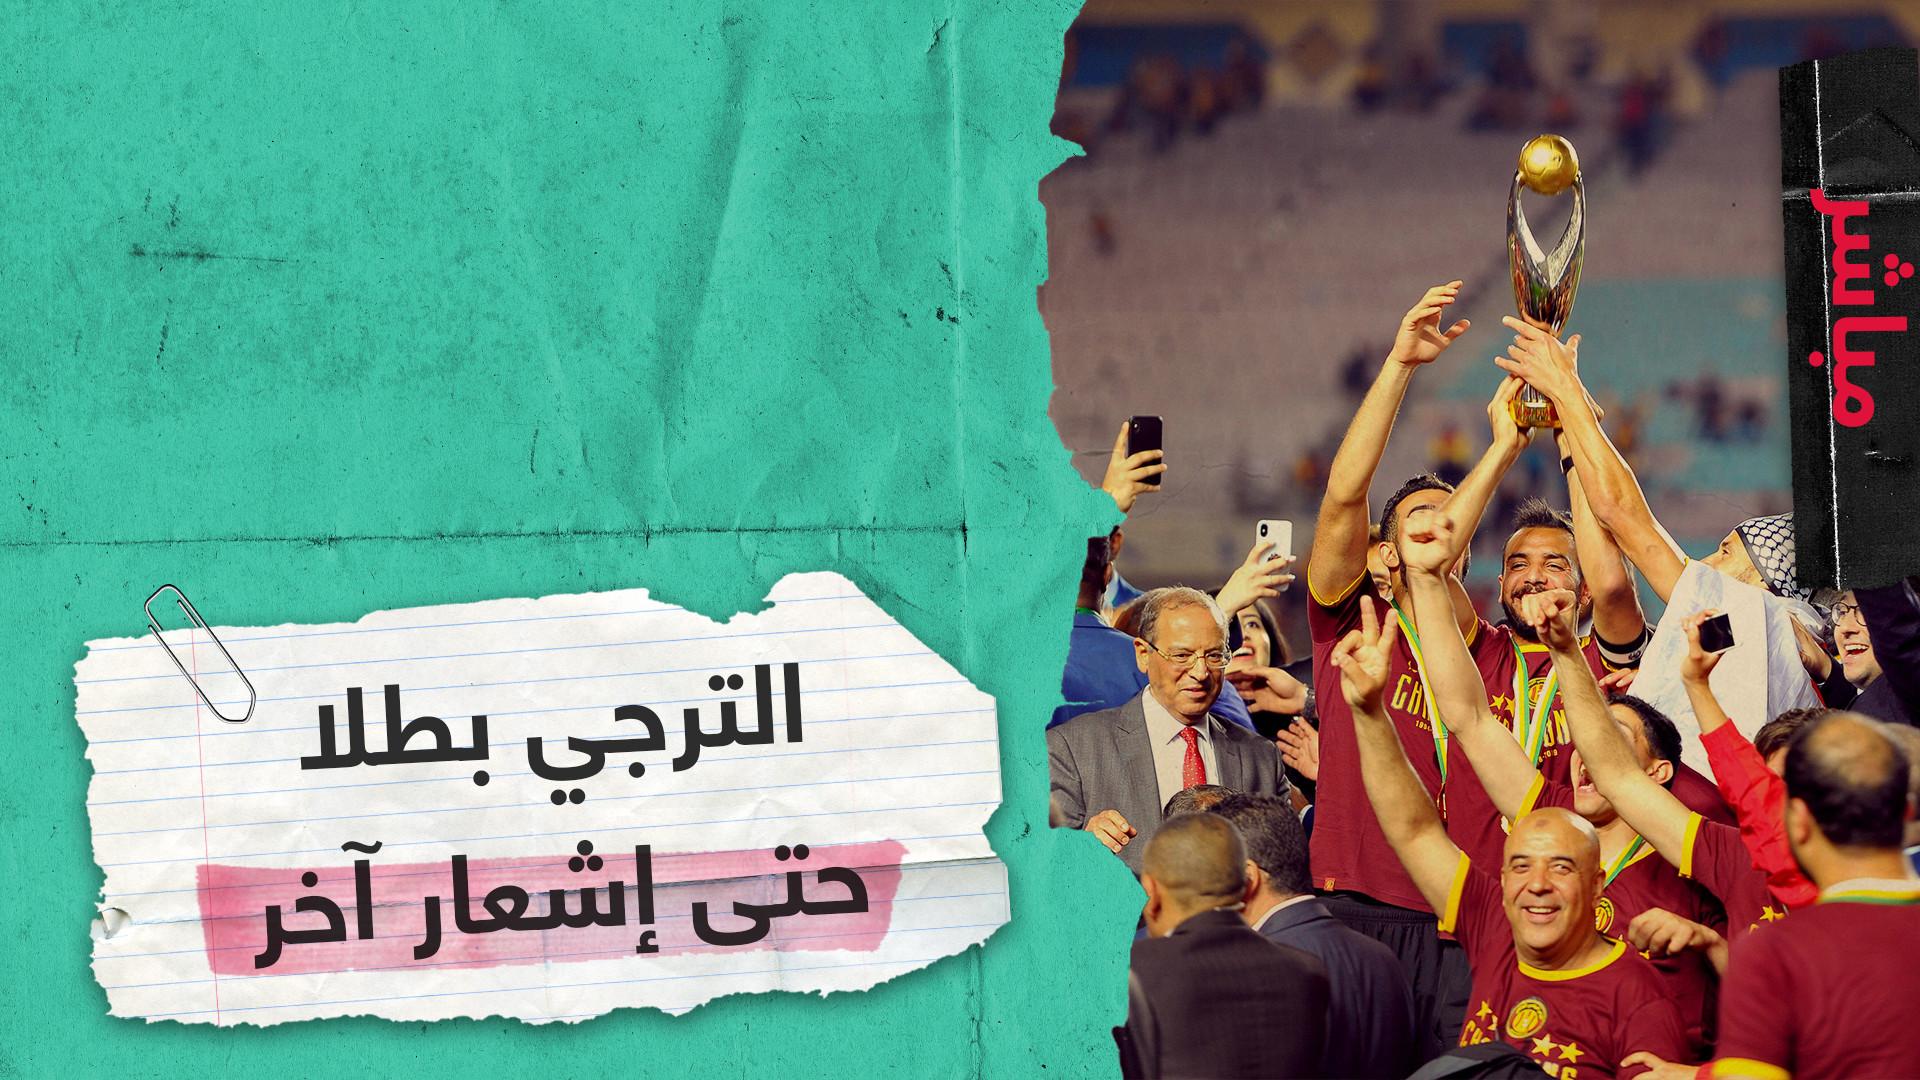 الترجي التونسي بطلا لدوري أبطال إفريقيا حتى إشعار آخر